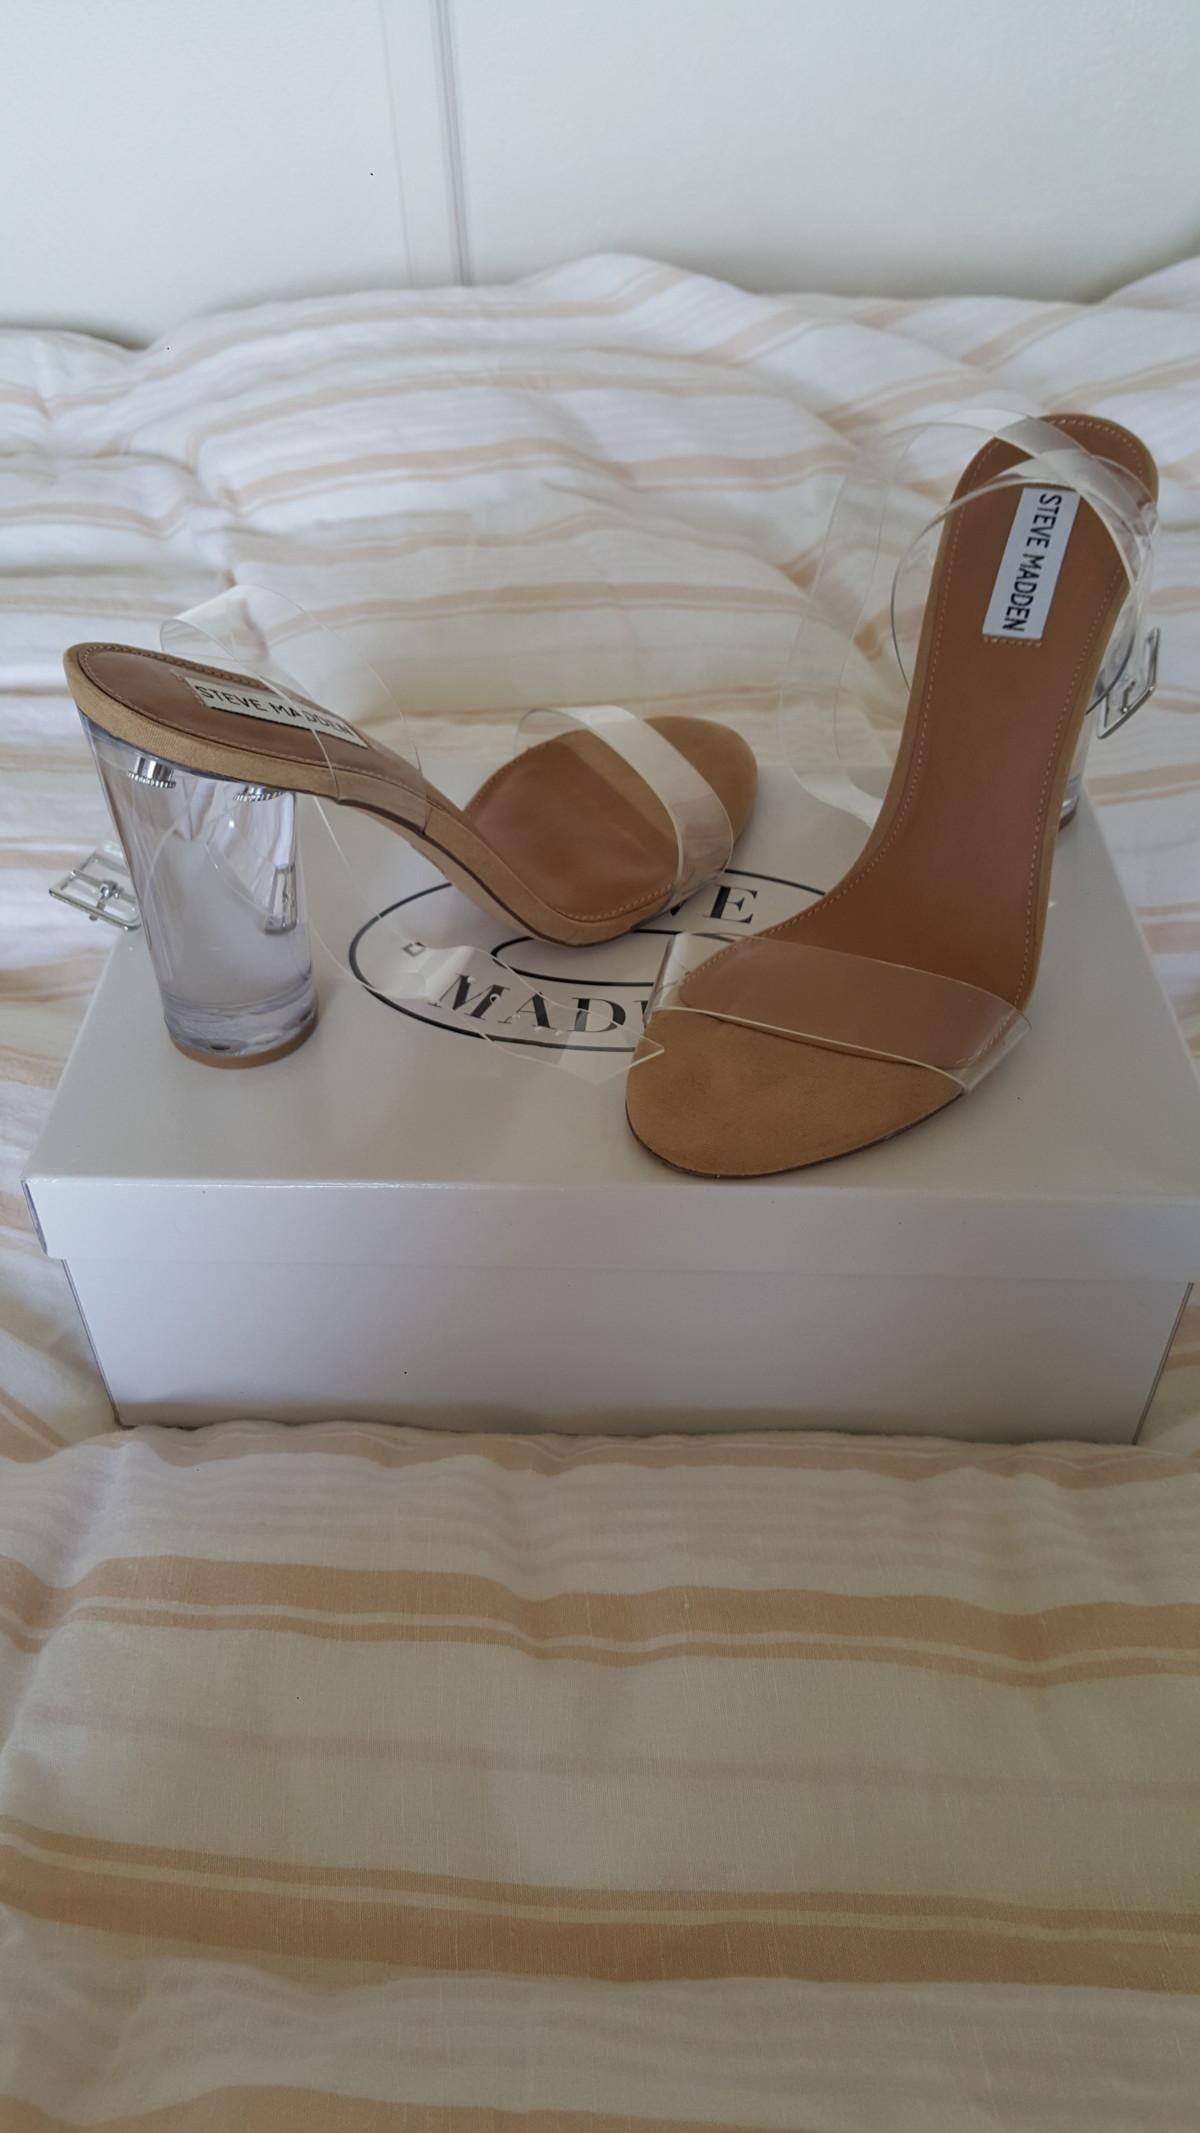 nellycom-nelly-shopping-shop-innkjøp-newin-new-news-kjøp-klær-mote-trend-stil-fashion-style-sko-stevemadden-adidas-ringer-smykker-gull-hæler-heler-sommer-kjoler-kjole-bukse-outfit-antrekk